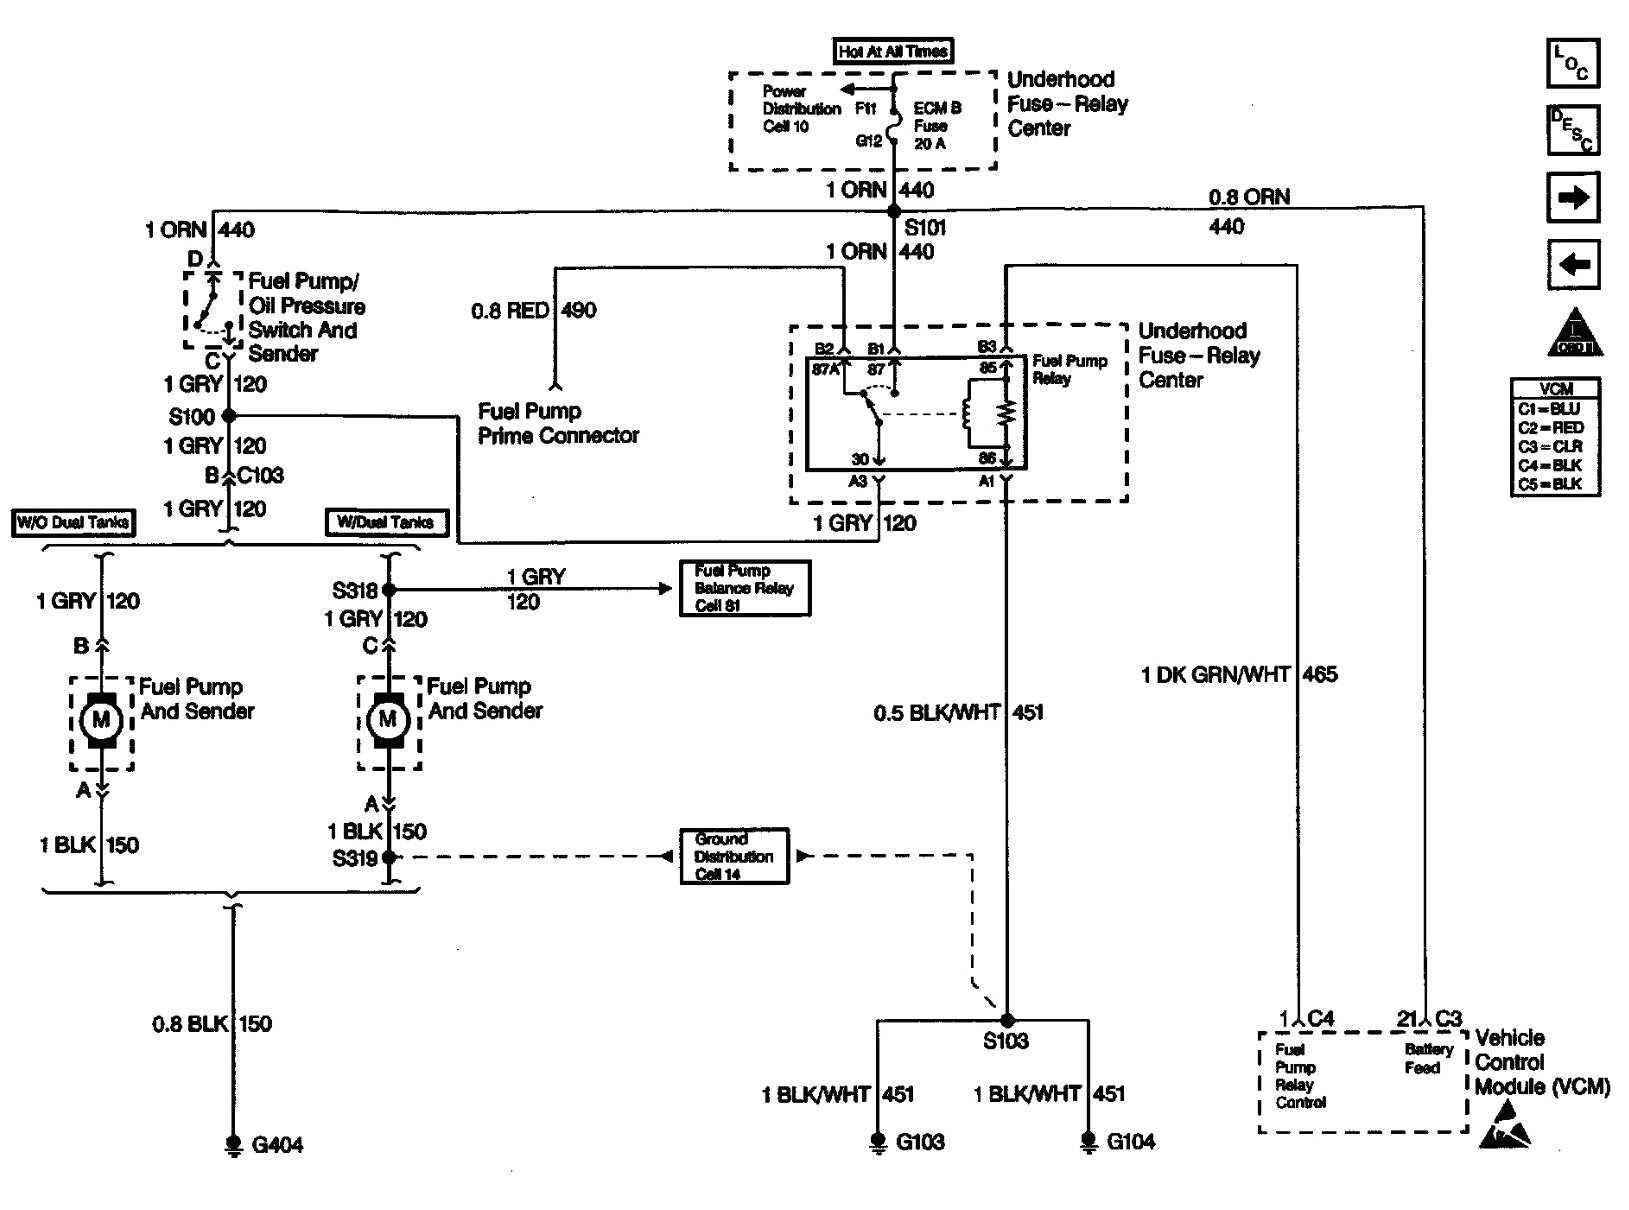 hight resolution of 1998 chevy silverado fuel pump wiring diagram 1998 k1500 wiring diagram automotive block diagram